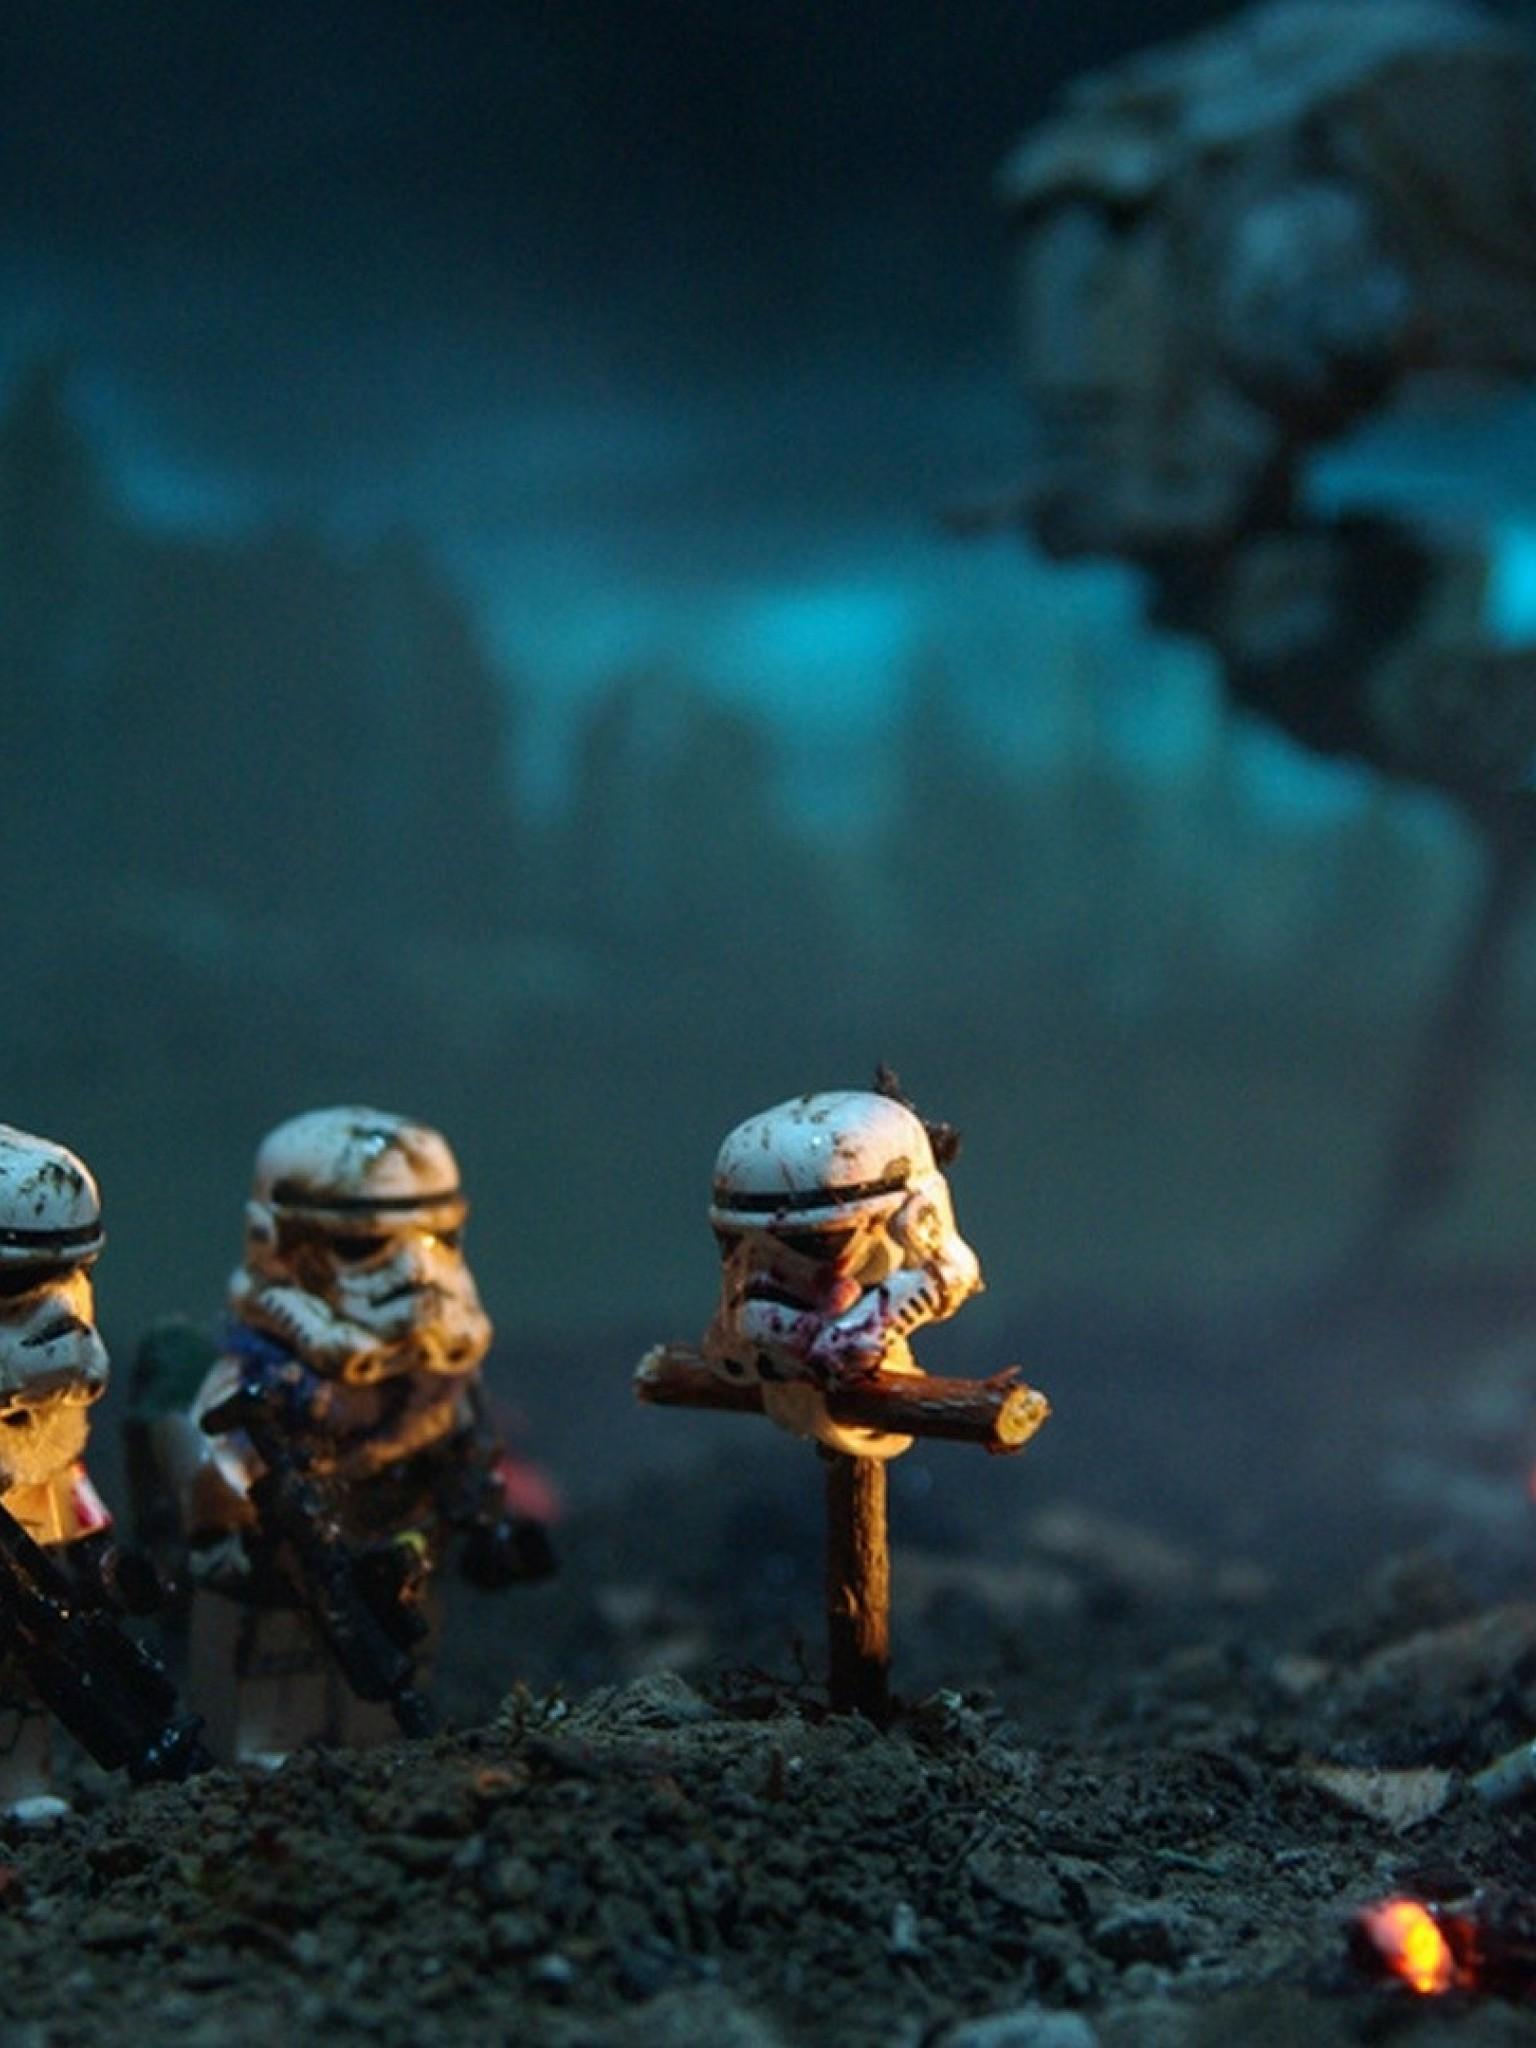 Free Lego Star Wars Hd Wallpaper For Desktop And Mobiles Retina Ipad Hd Wallpaper Wallpapers Net